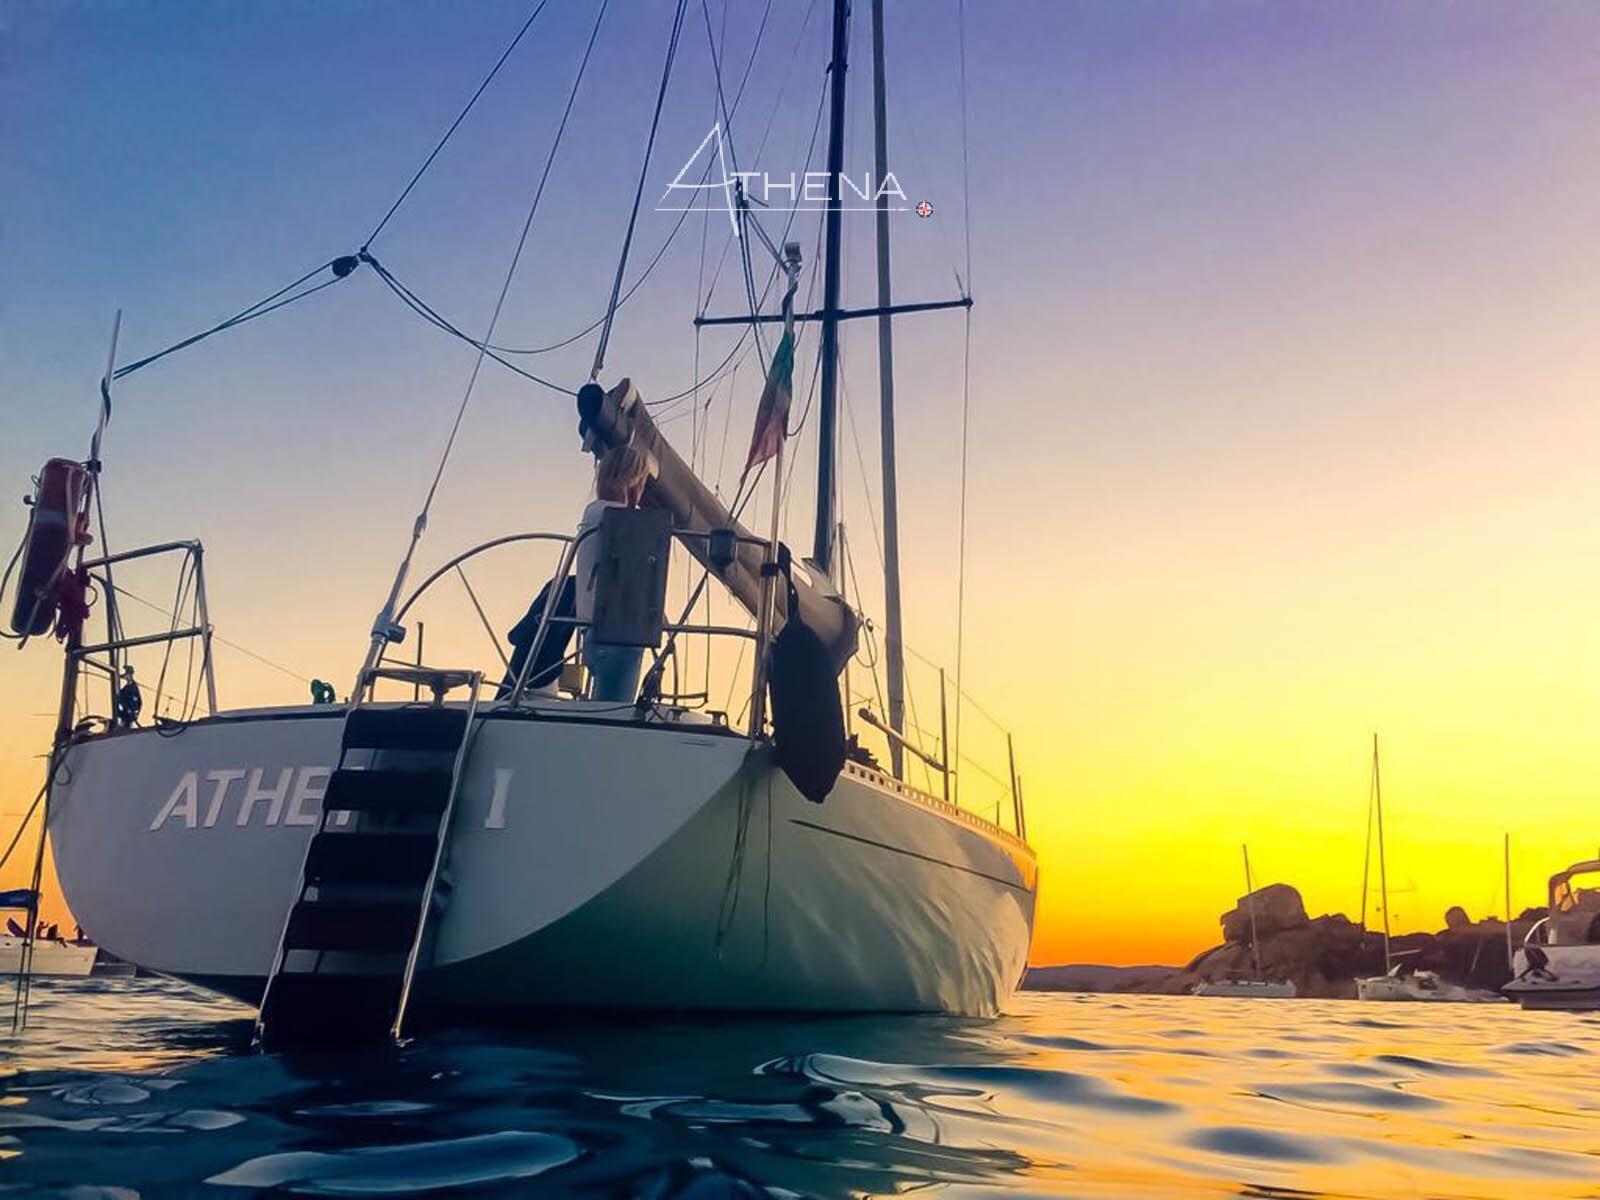 Sosta bagno al tramonto - Cala Corsara - isola Di Spargi